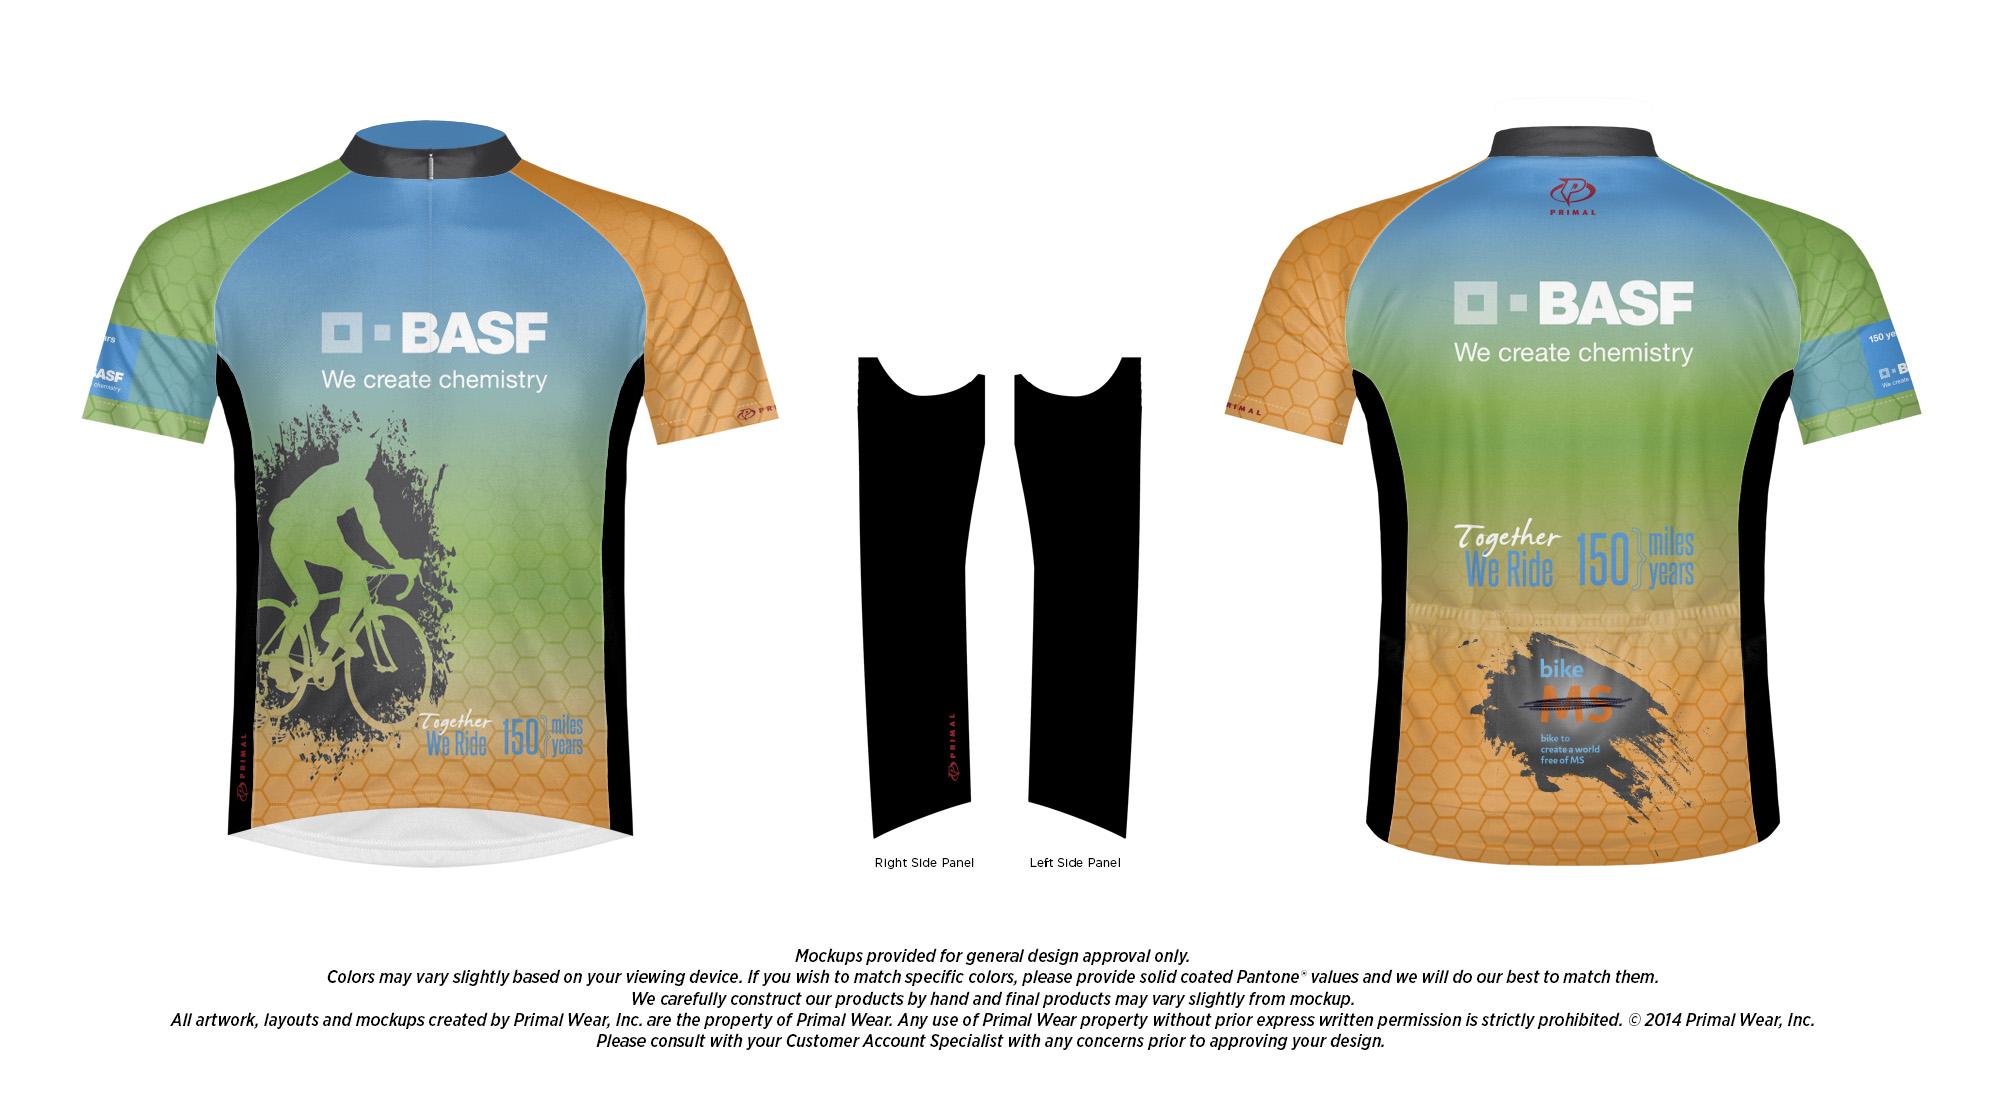 Approved Design Mock-up for BASF Bike MS Jersey Design